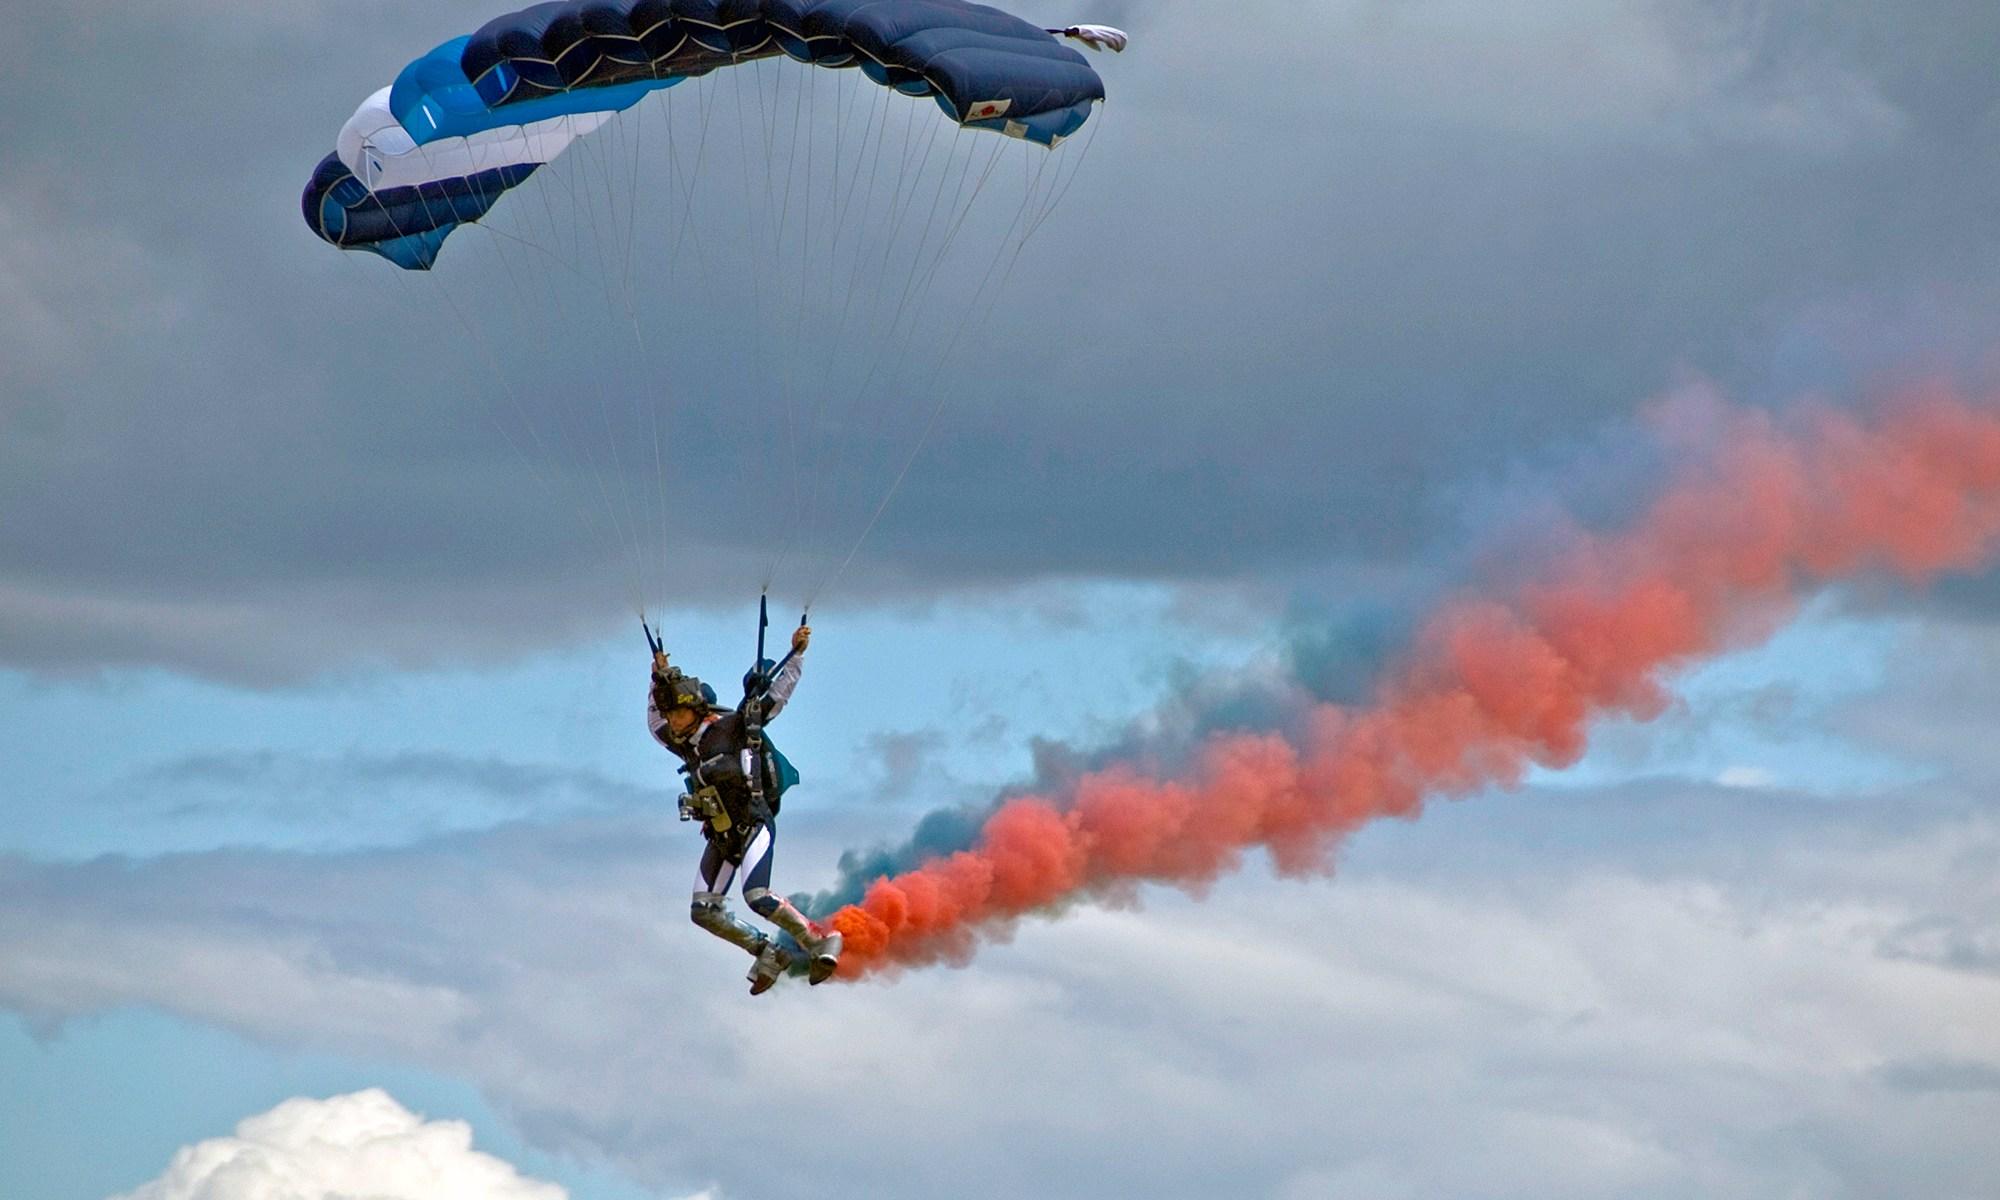 Red Devils RAF Parachutist